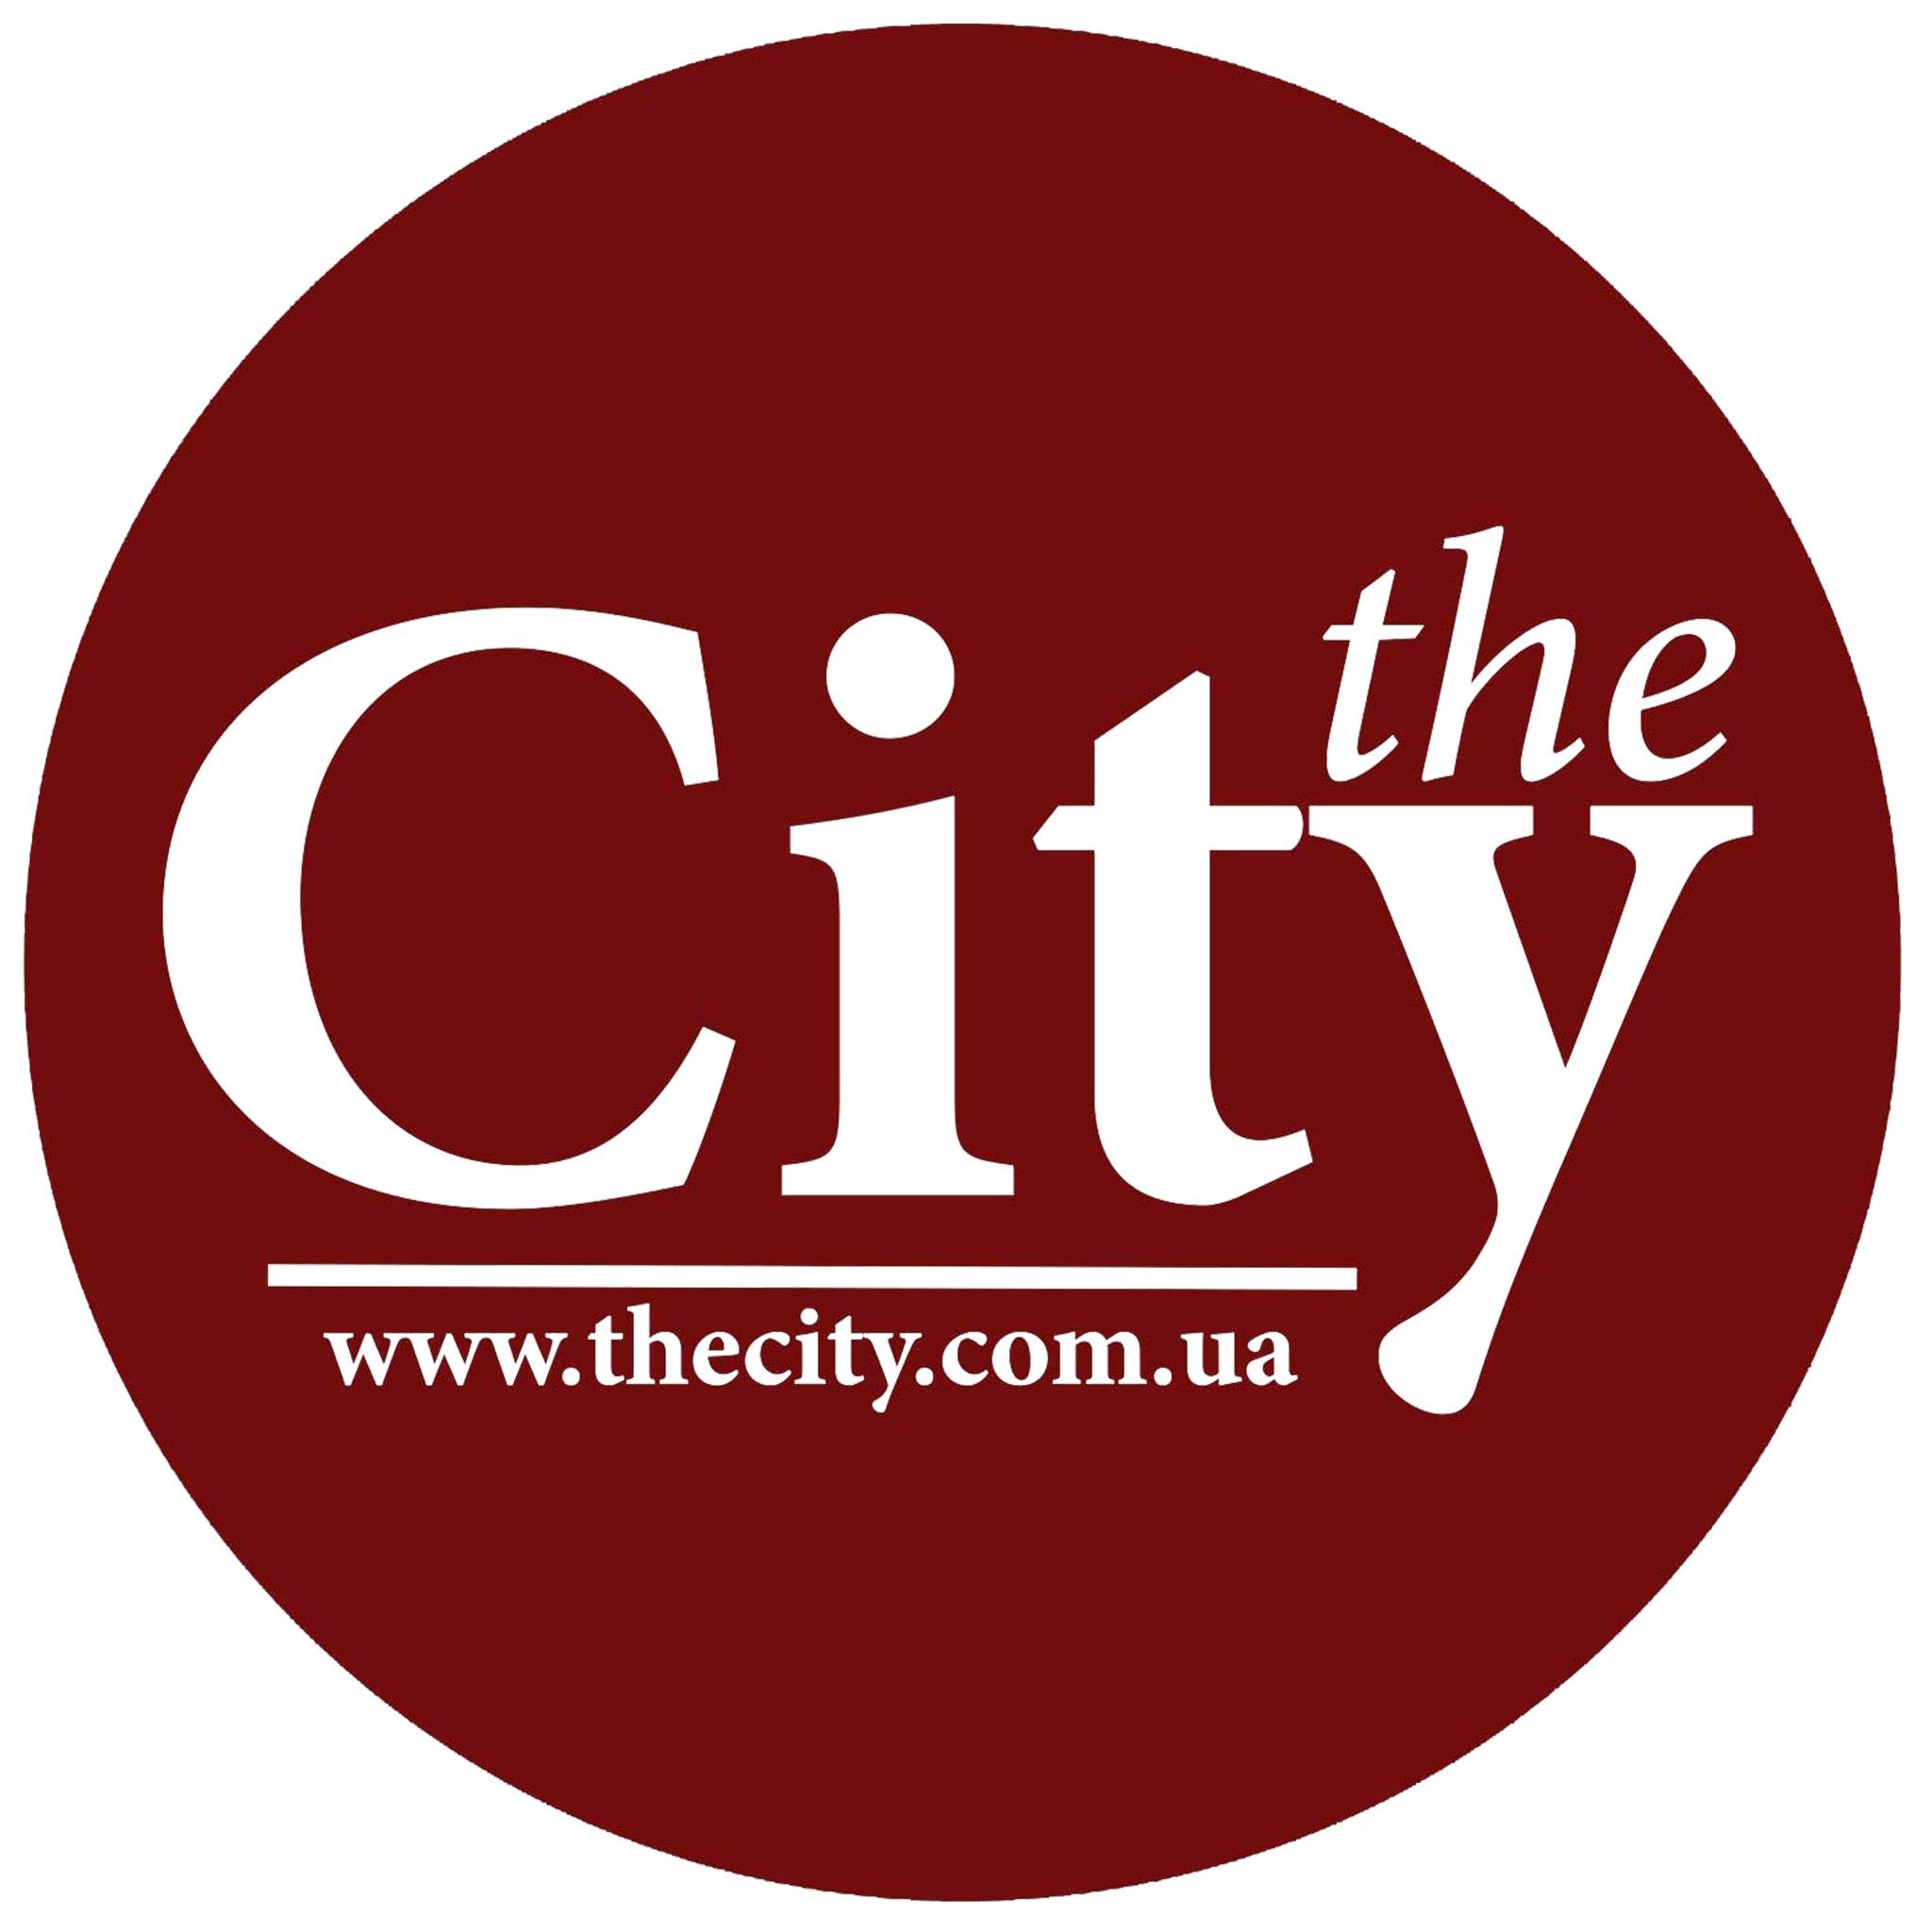 thecity.com.ua